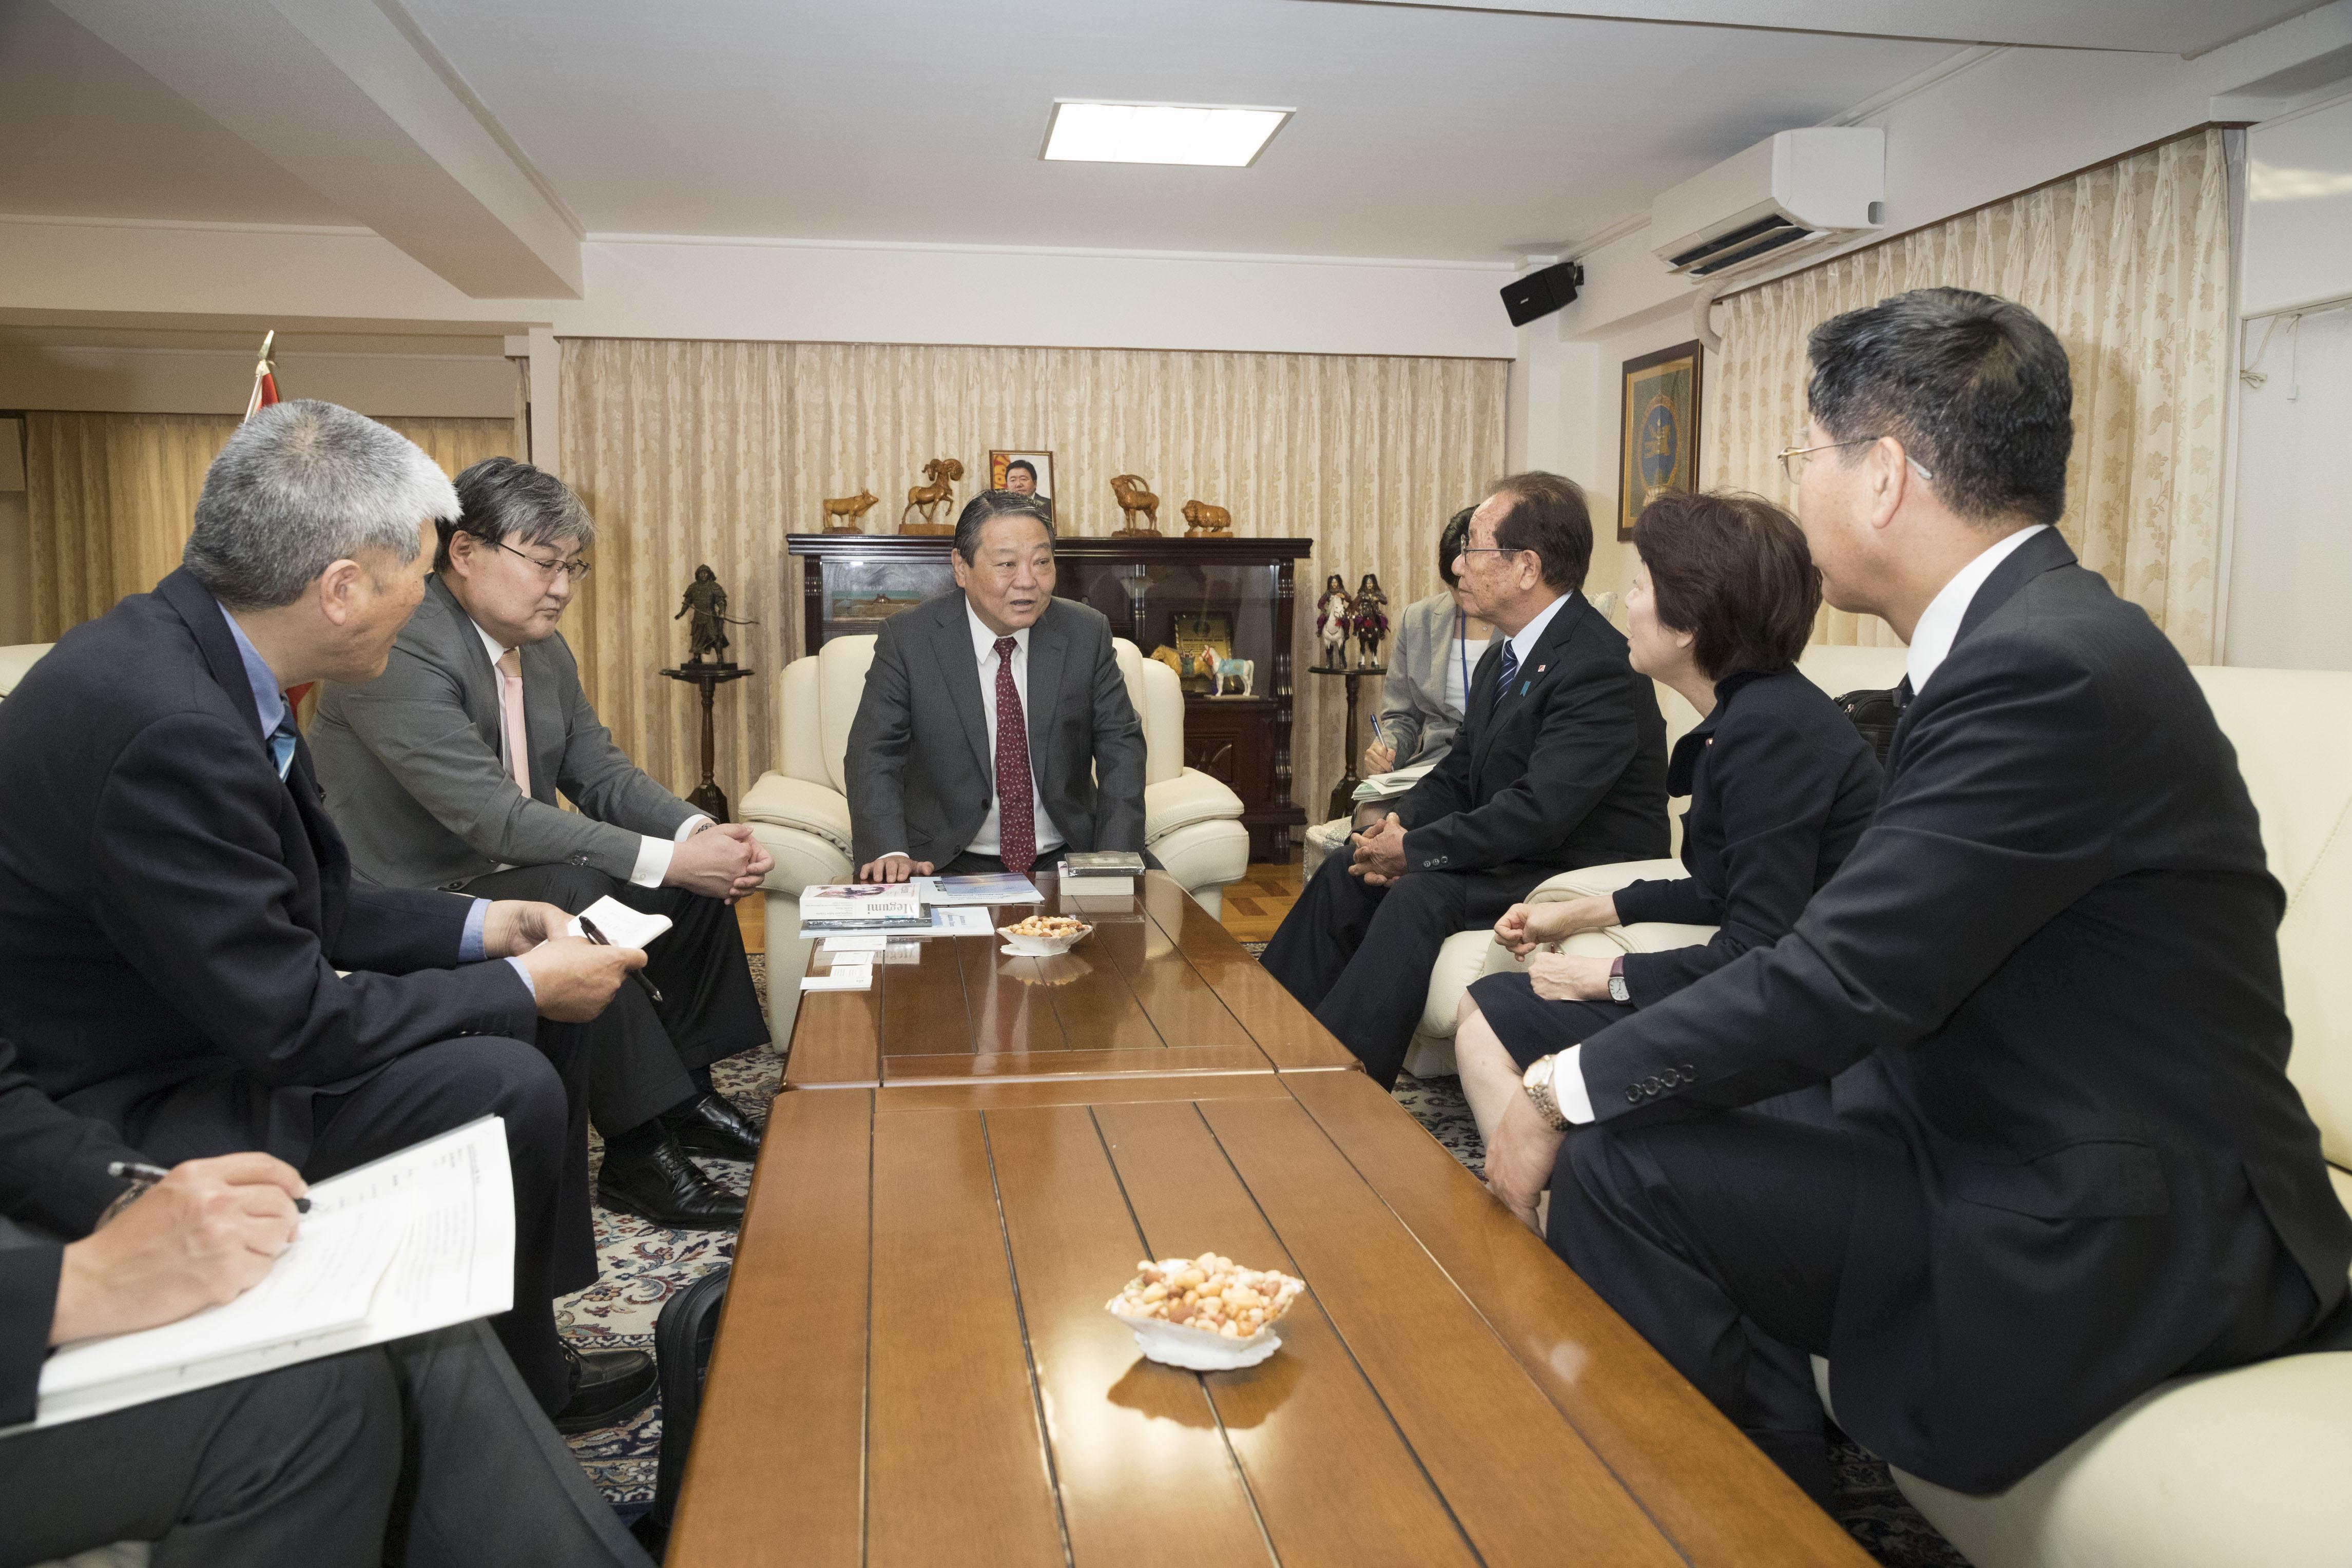 拉致問題対策本部 モンゴル大使館訪問2